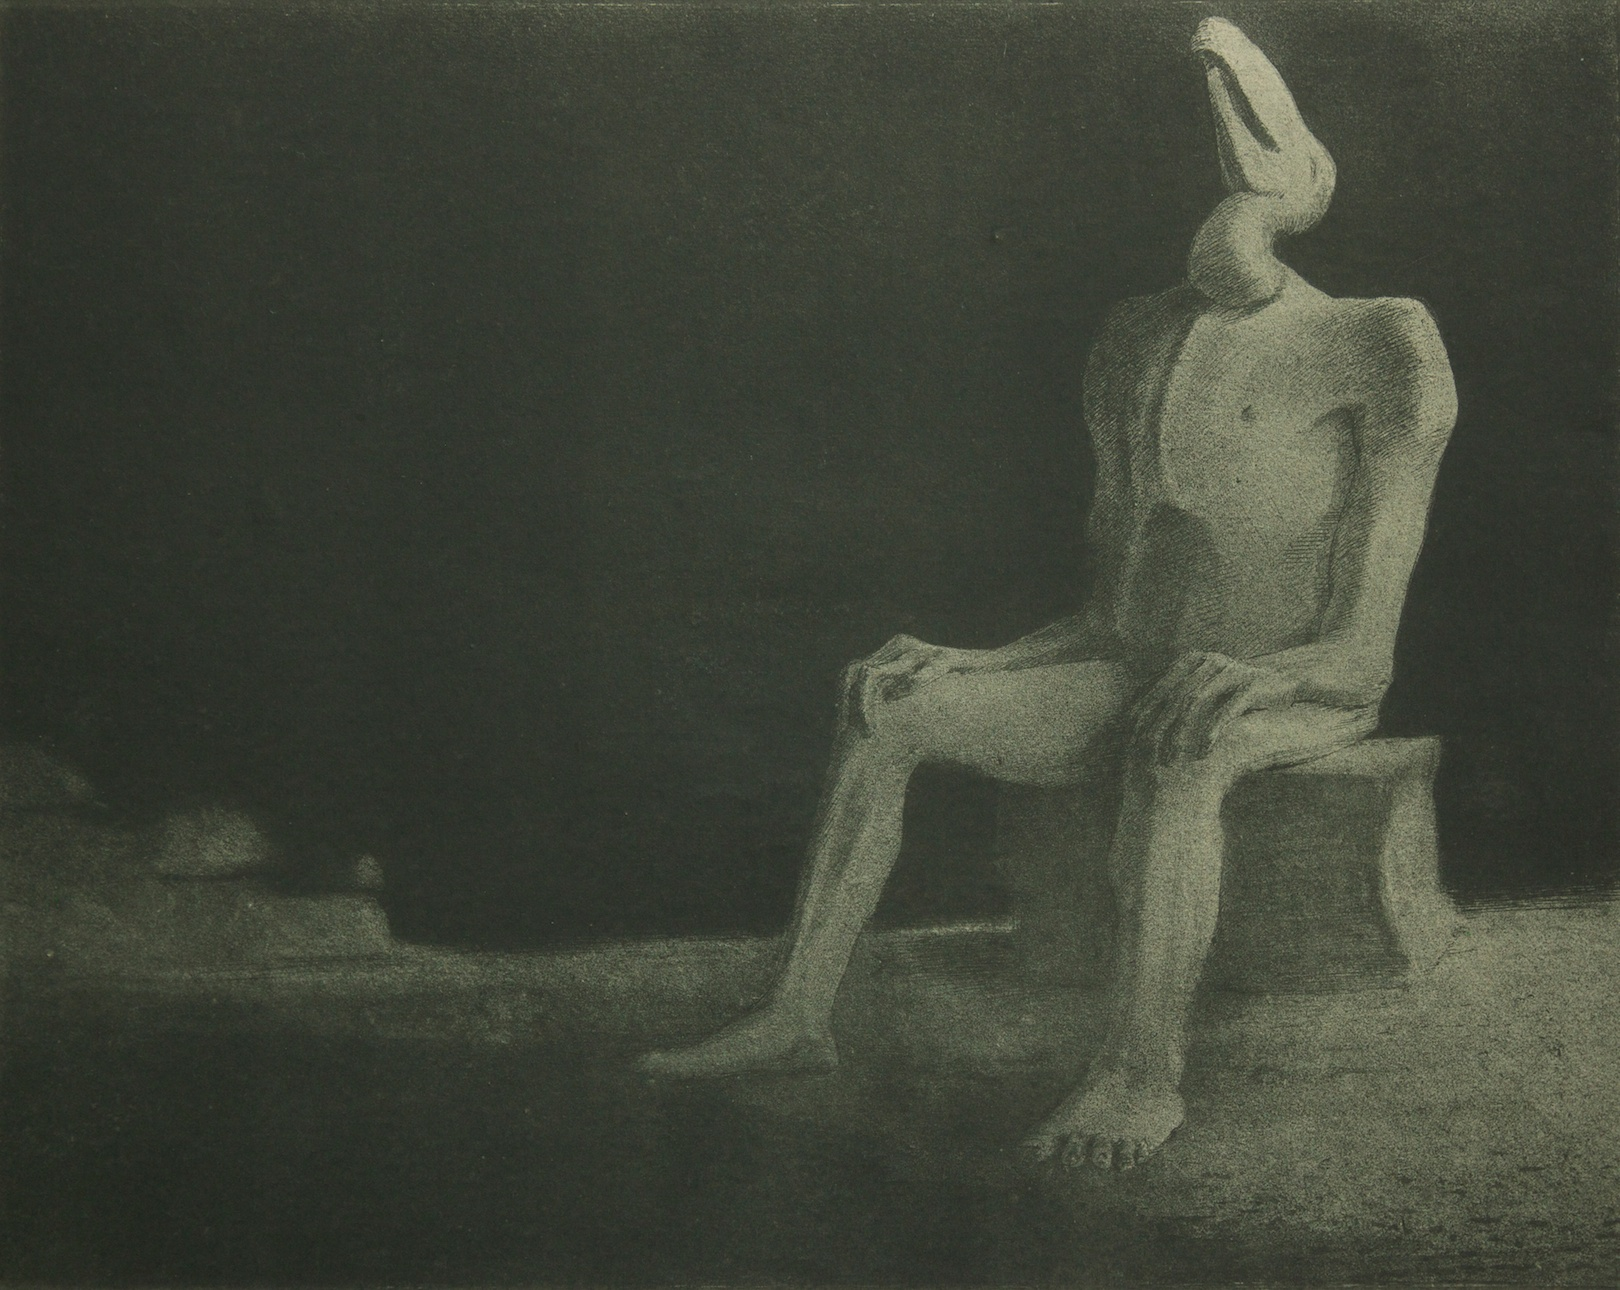 Vergessen-Versunken - collagraphy (collografia) - 1903